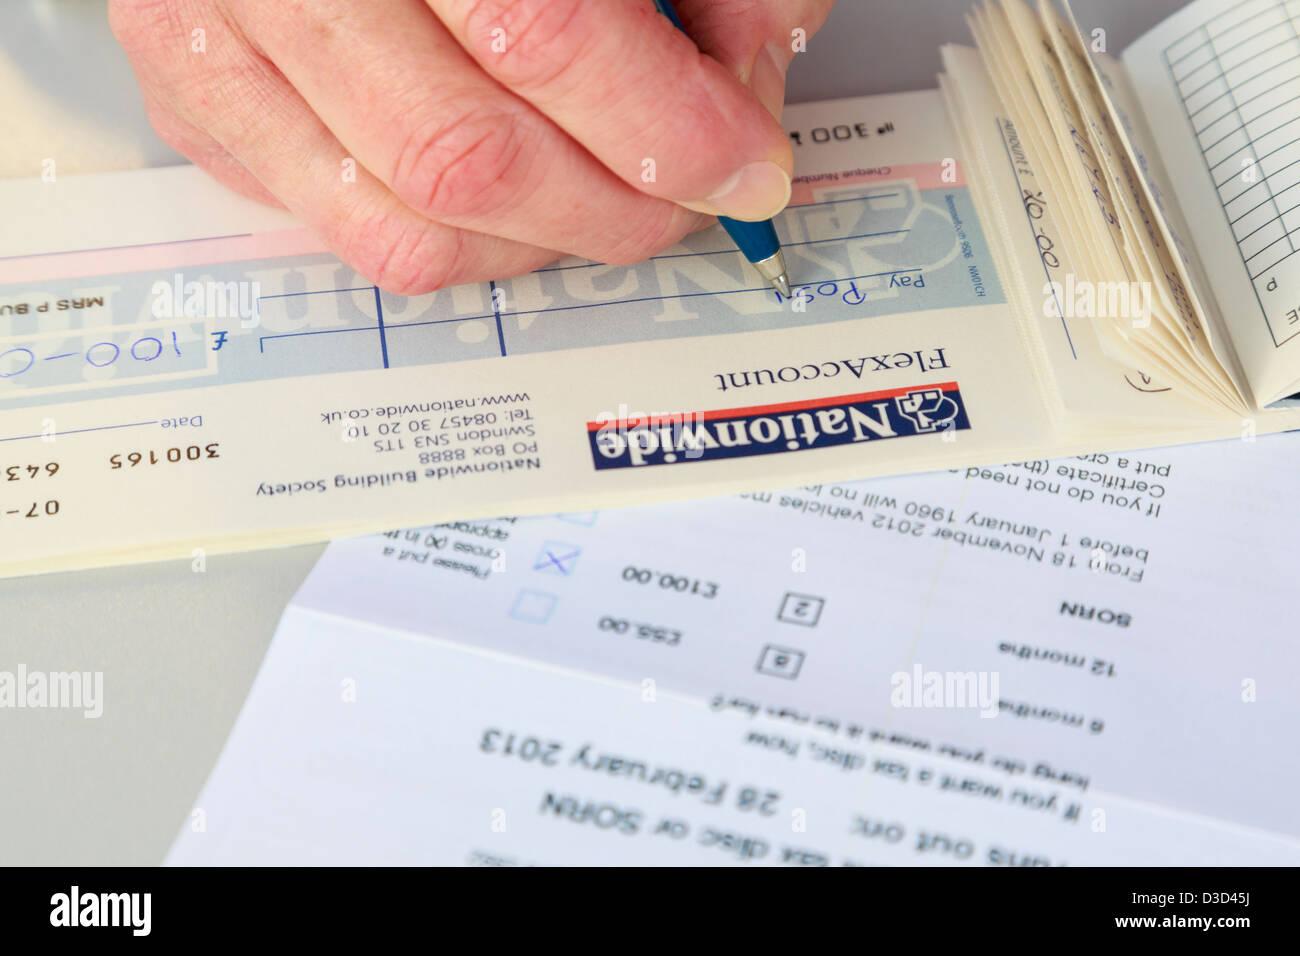 Personne de sexe féminin écrit un chèque pour payer la taxe sur